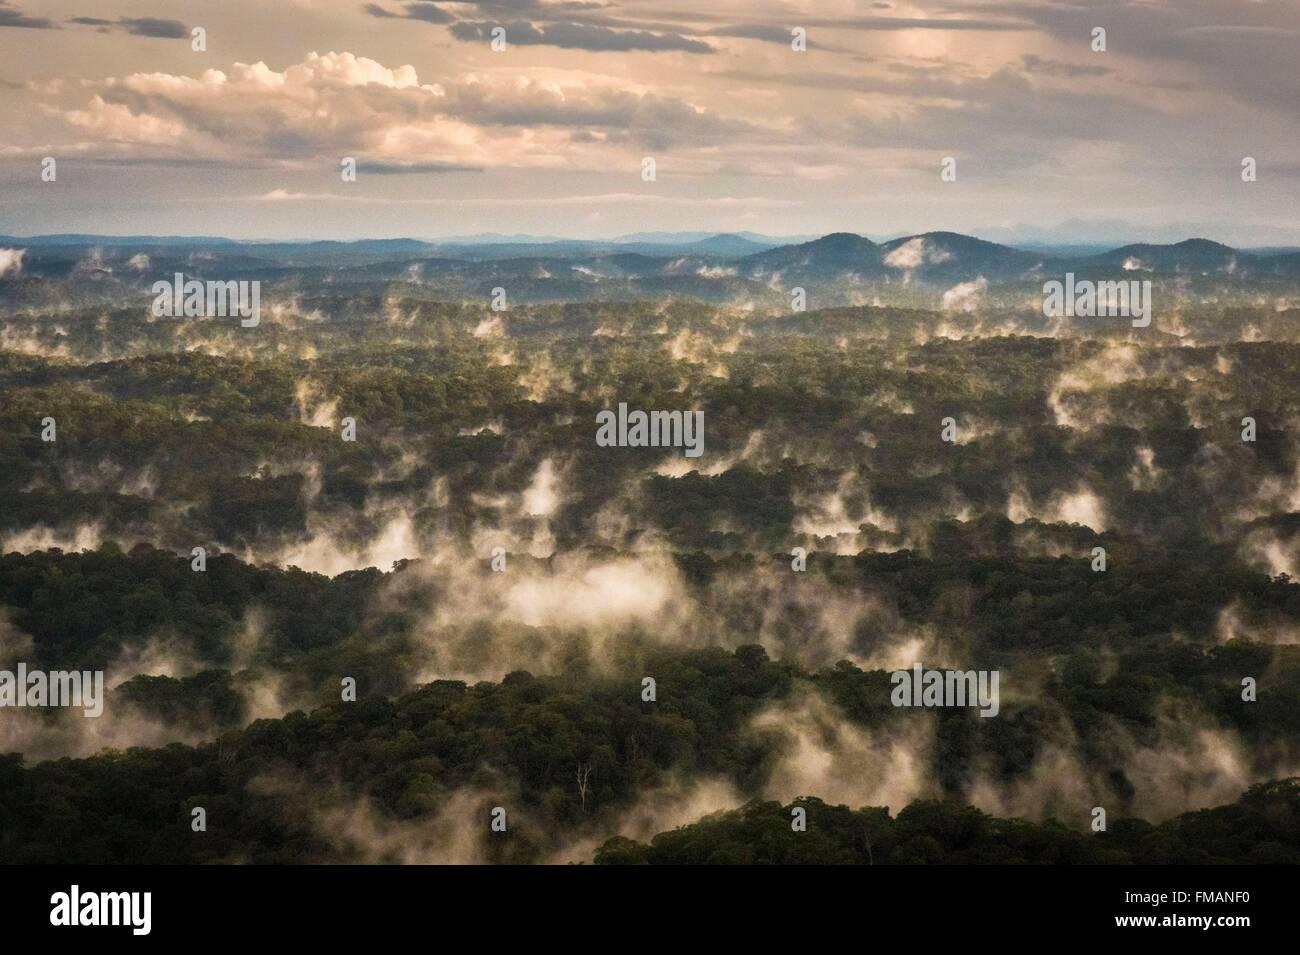 Francia, Guyana Guyana Francese Parco amazzonico, area del cuore, le nebbie serali nella foresta amazzonica Foto Stock